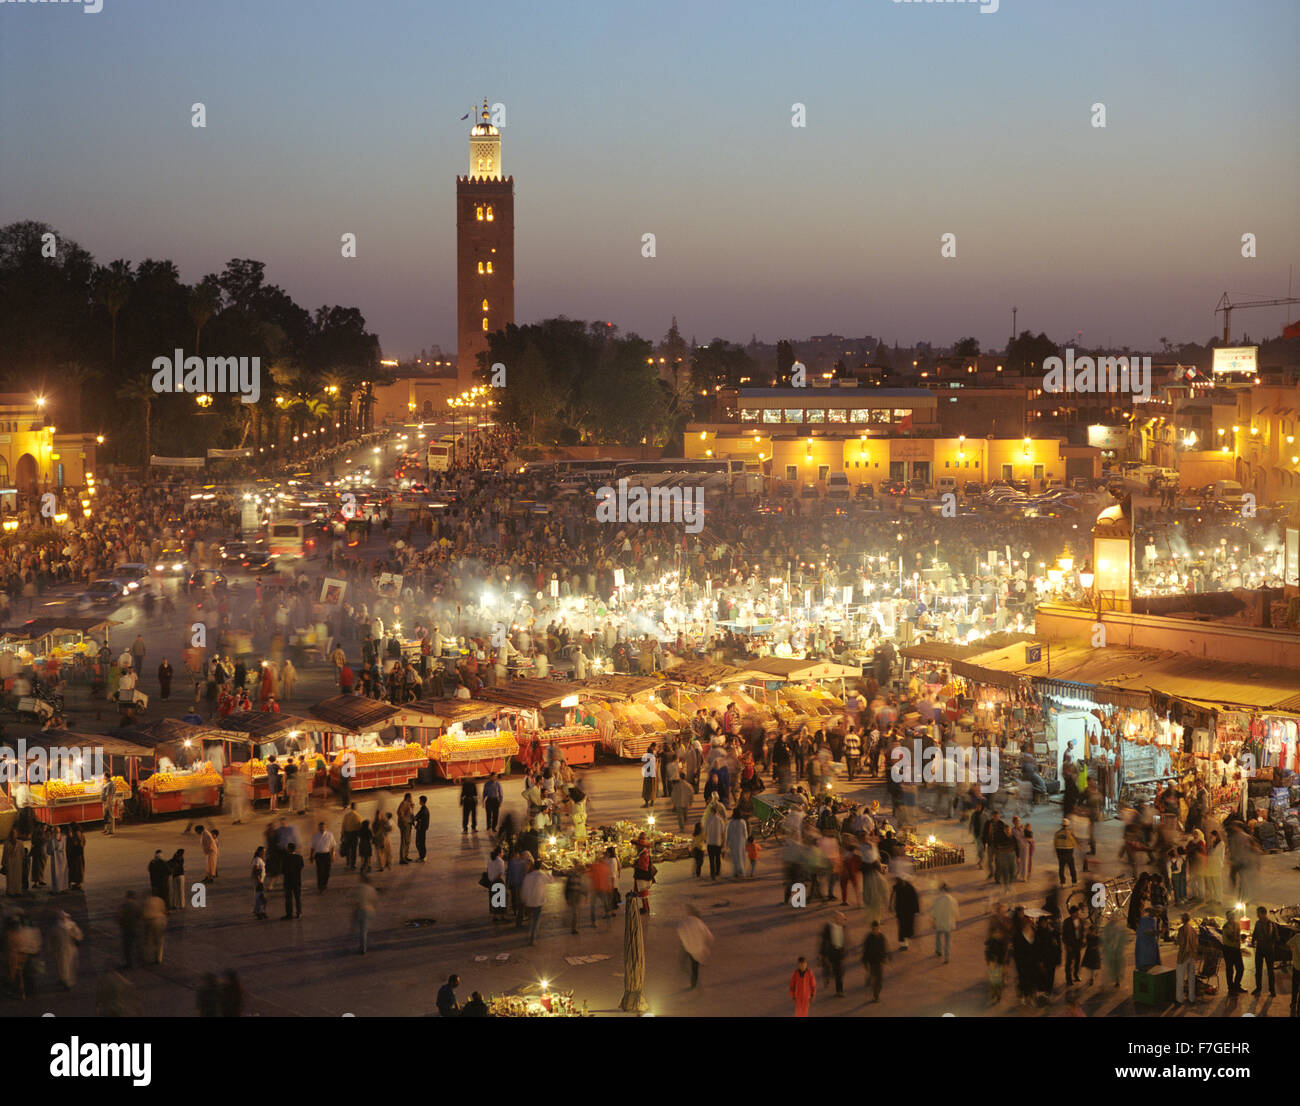 Eine Ansicht von Lebensmitteln Stände in den Marktplatz und öffentlichen Platz Platz Jema al Fna in Marrakesch Stockbild